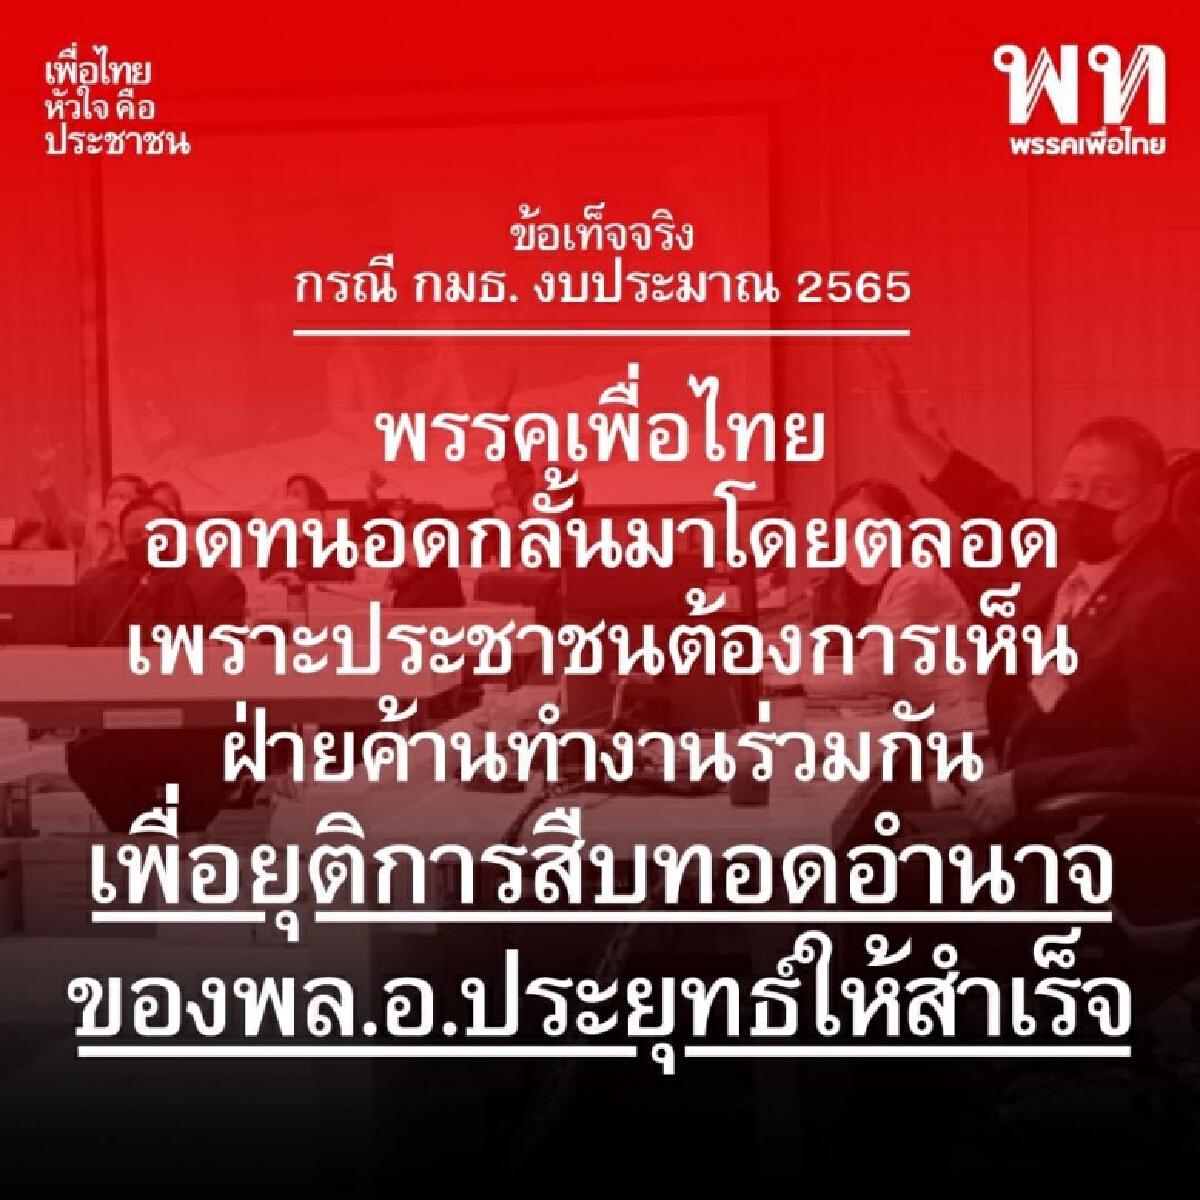 """งบกลางร้อน """"เพื่อไทย"""" สอนน้อง """"ก้าวไกล"""" อย่าระแวง ควรแยกมิตรแยกศัตรู"""